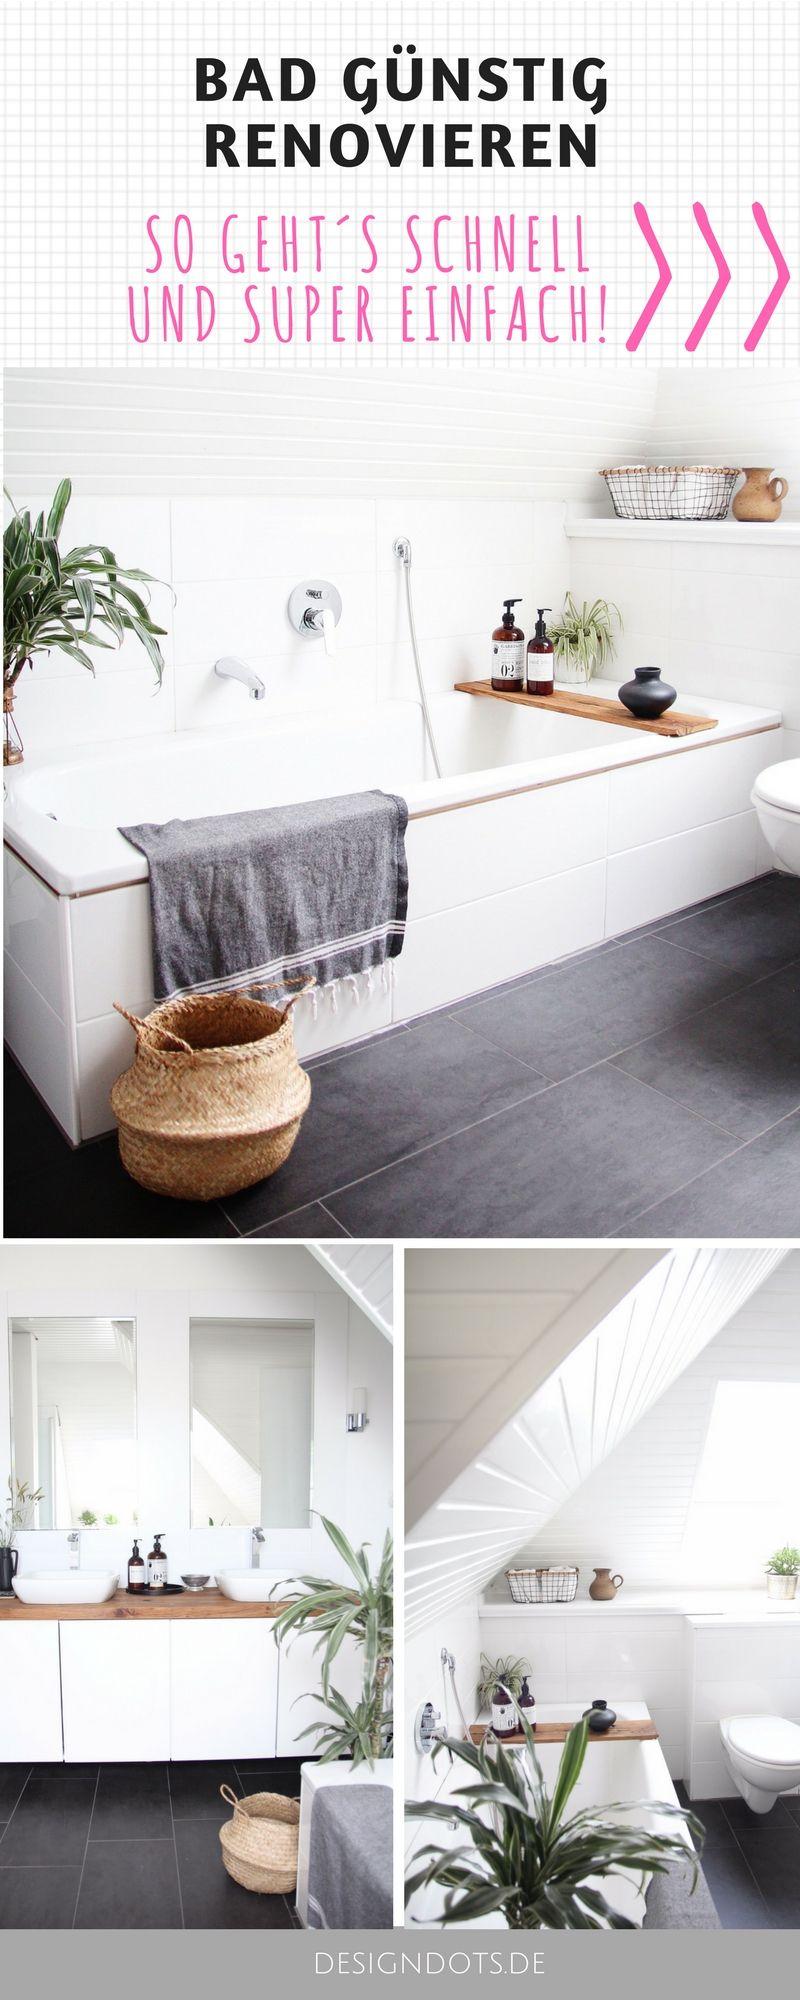 Badezimmer selbst renovieren  Design Dots Blog und Zuhause